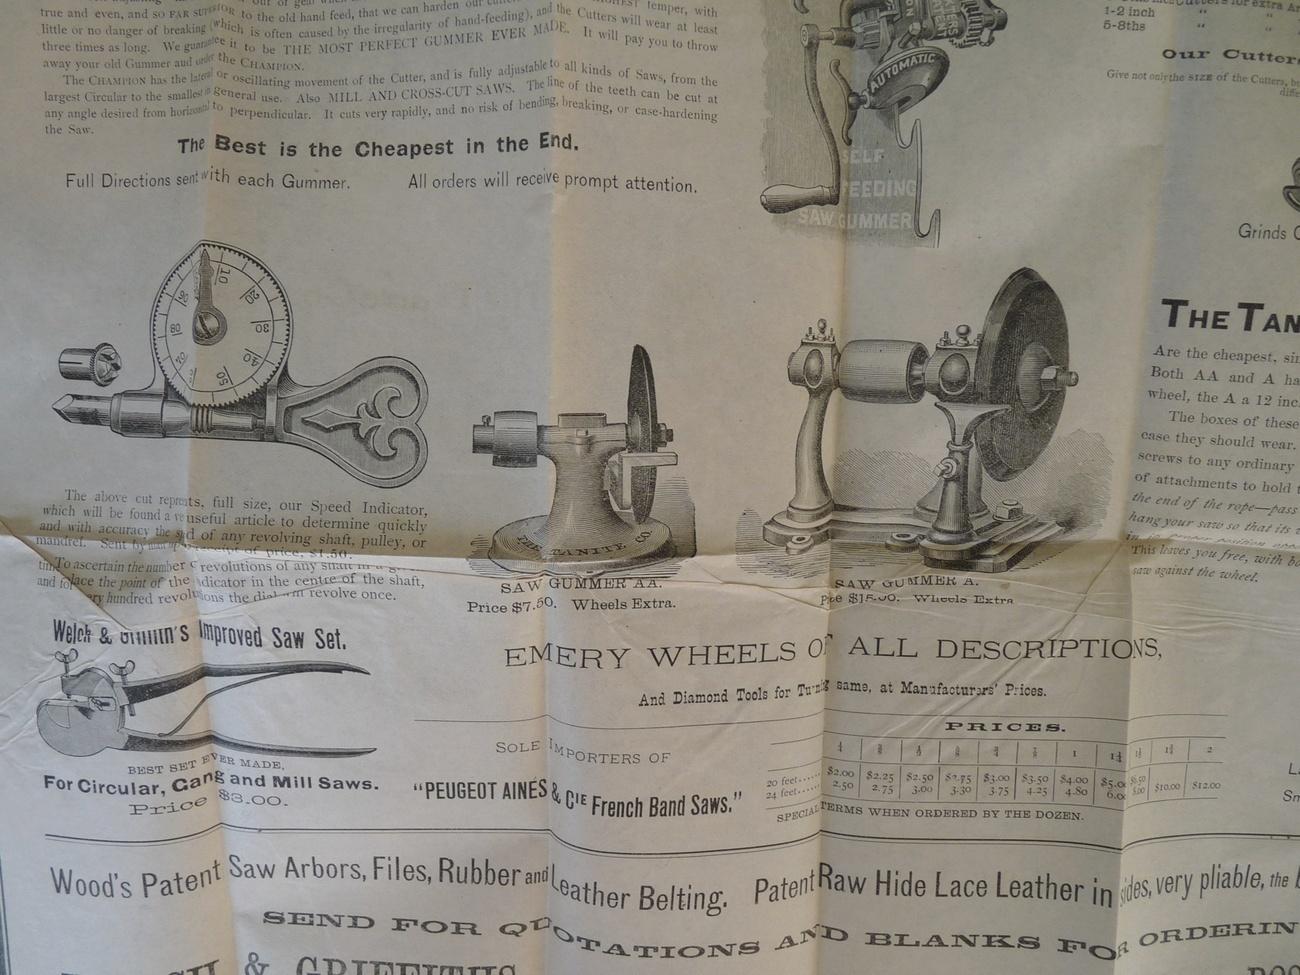 Welch Griffiths saw tool broadsheet 1800 Boston advertising ephemera